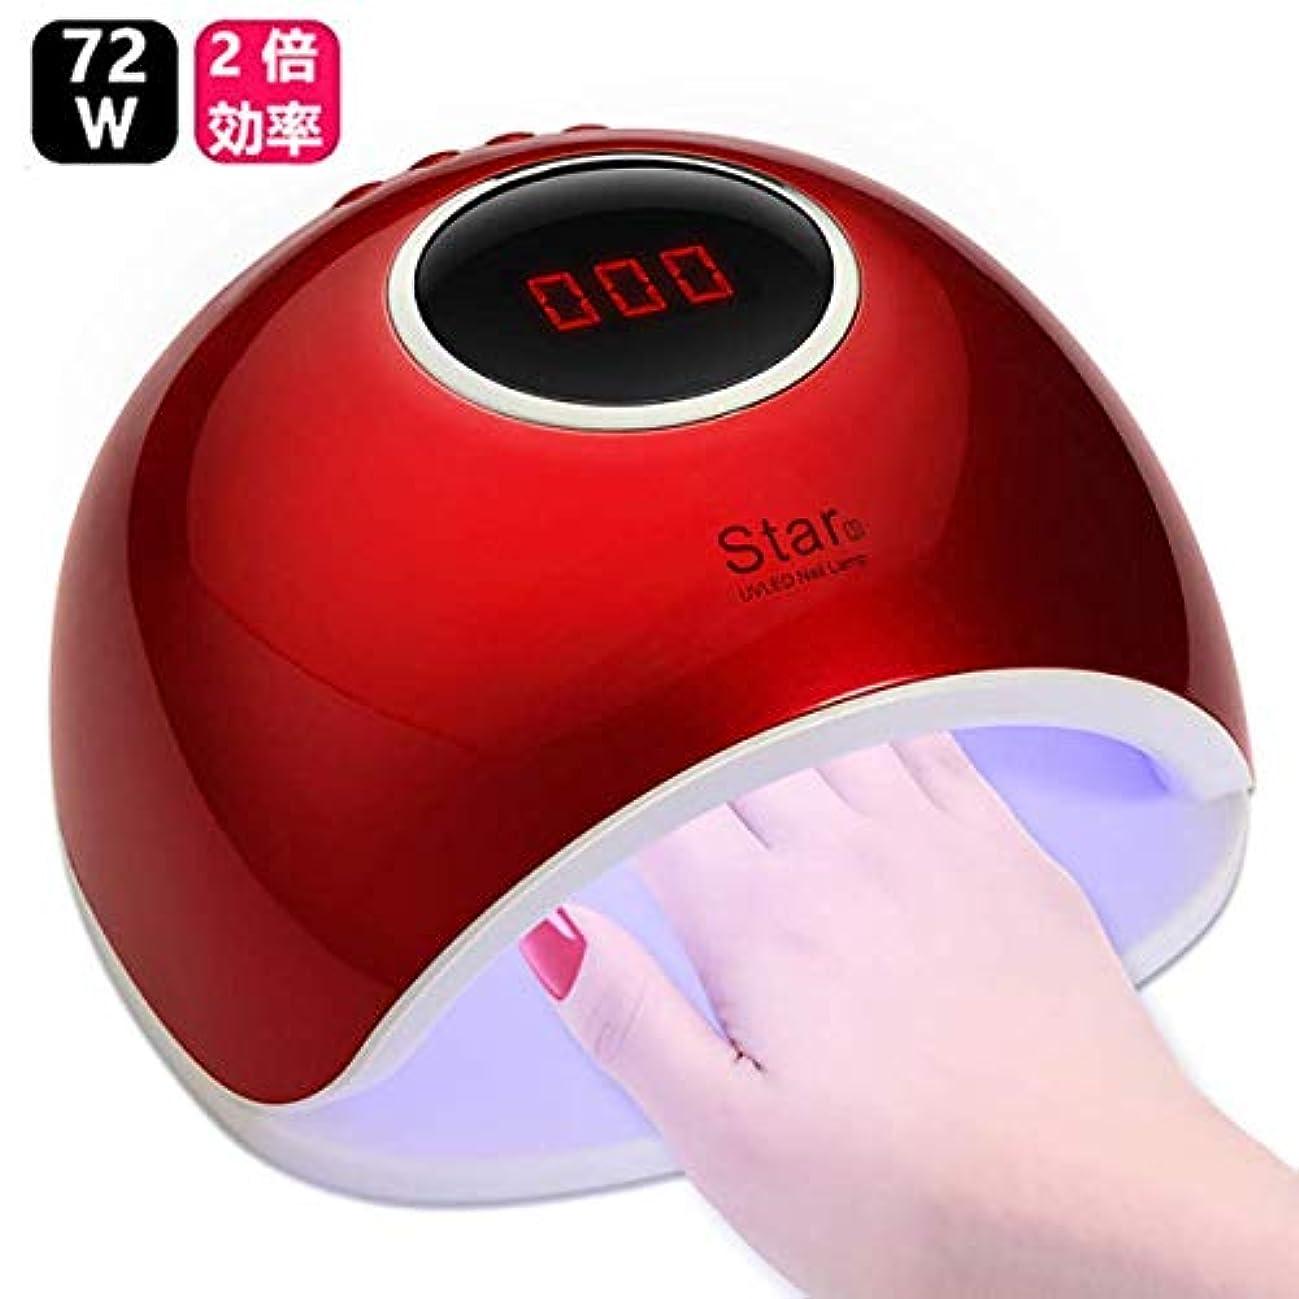 慣習彼らの列挙するUV LEDネイルドライヤー 赤外線検知 72W2倍の効率 赤外線美白機能付き マニキュア用 4段階タイマー設定可能 手足兼用 (レッド)